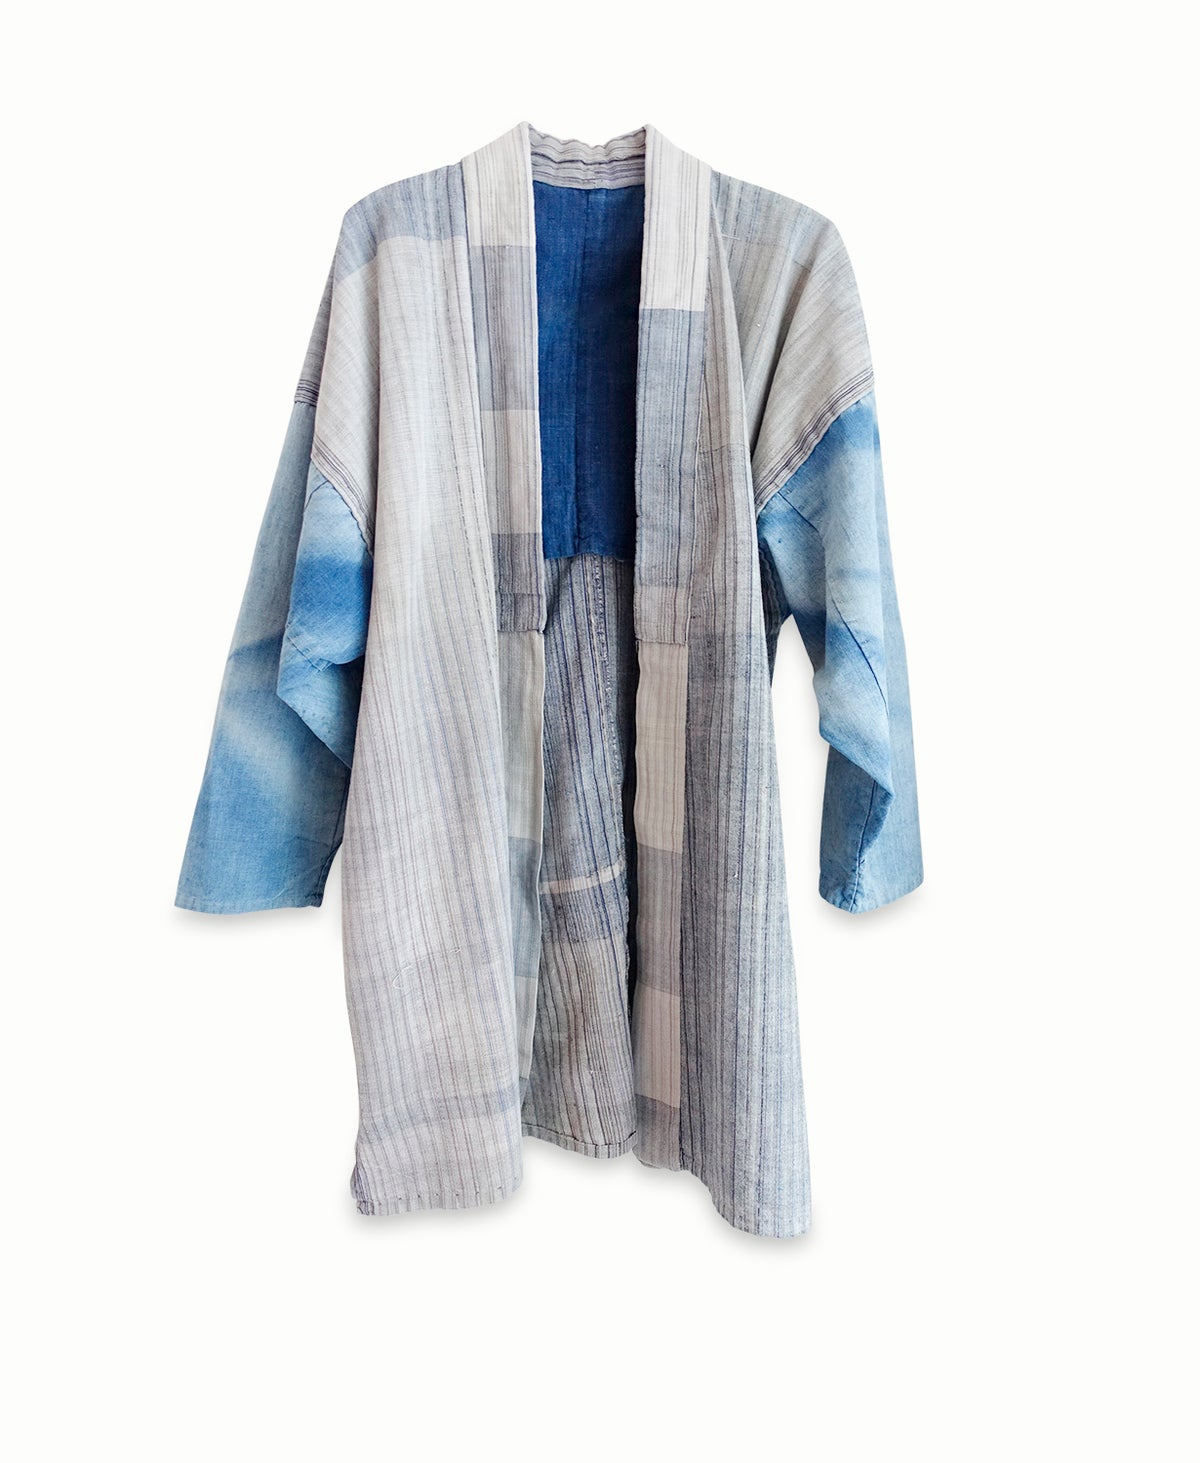 Image of Blå kimonojakke af bomuld indfarvet i blå Ai-zome